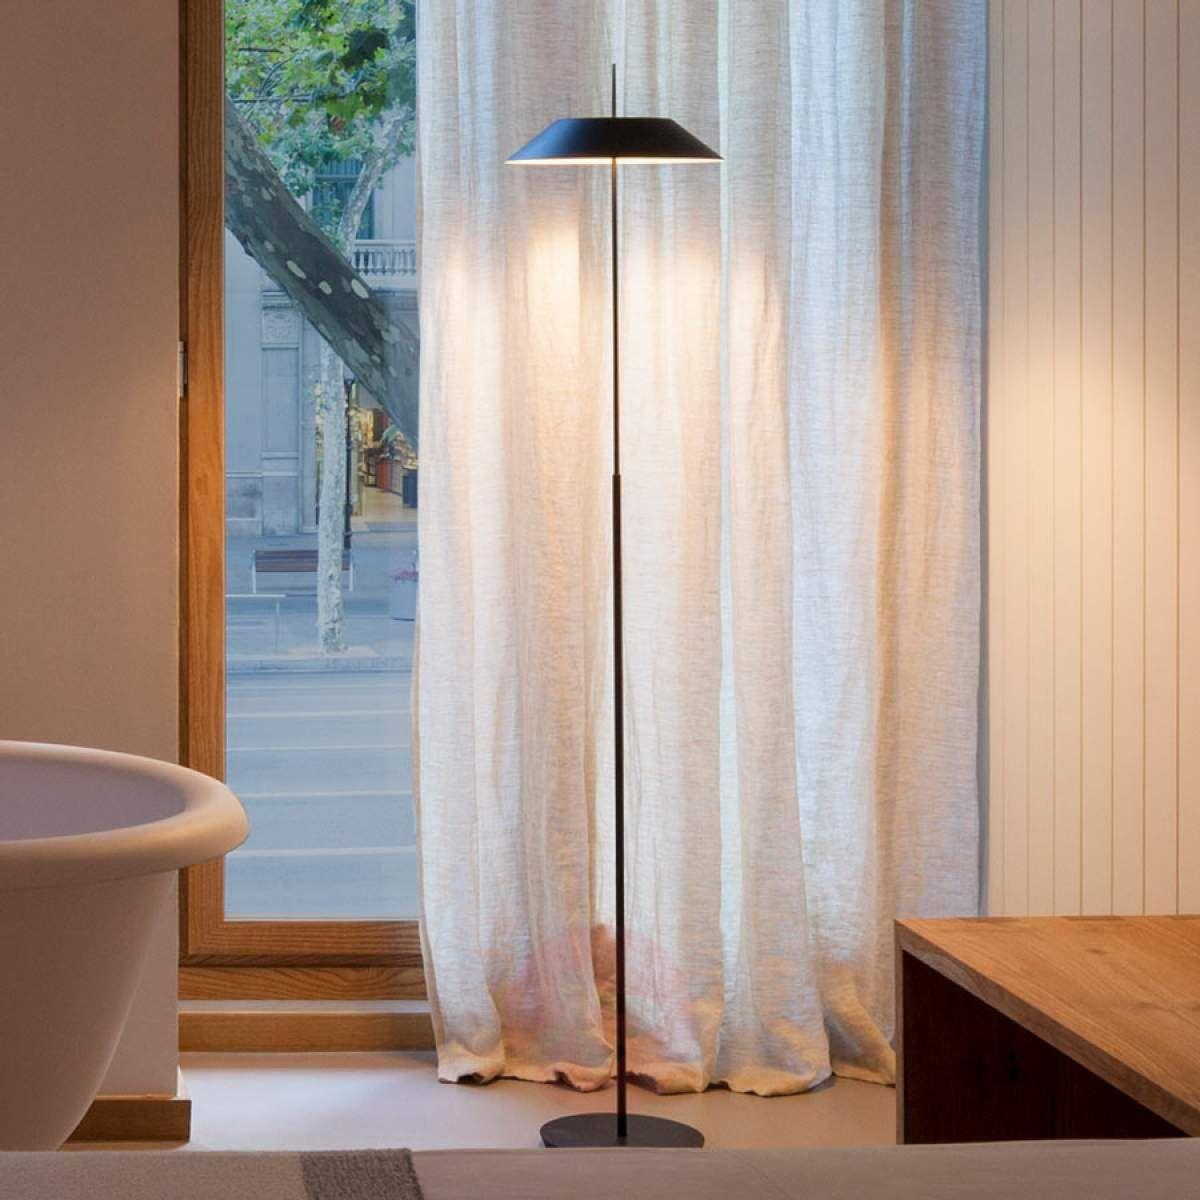 Mayfair Szarografitowa Lampa Stojąca Led Lampy Stojące W